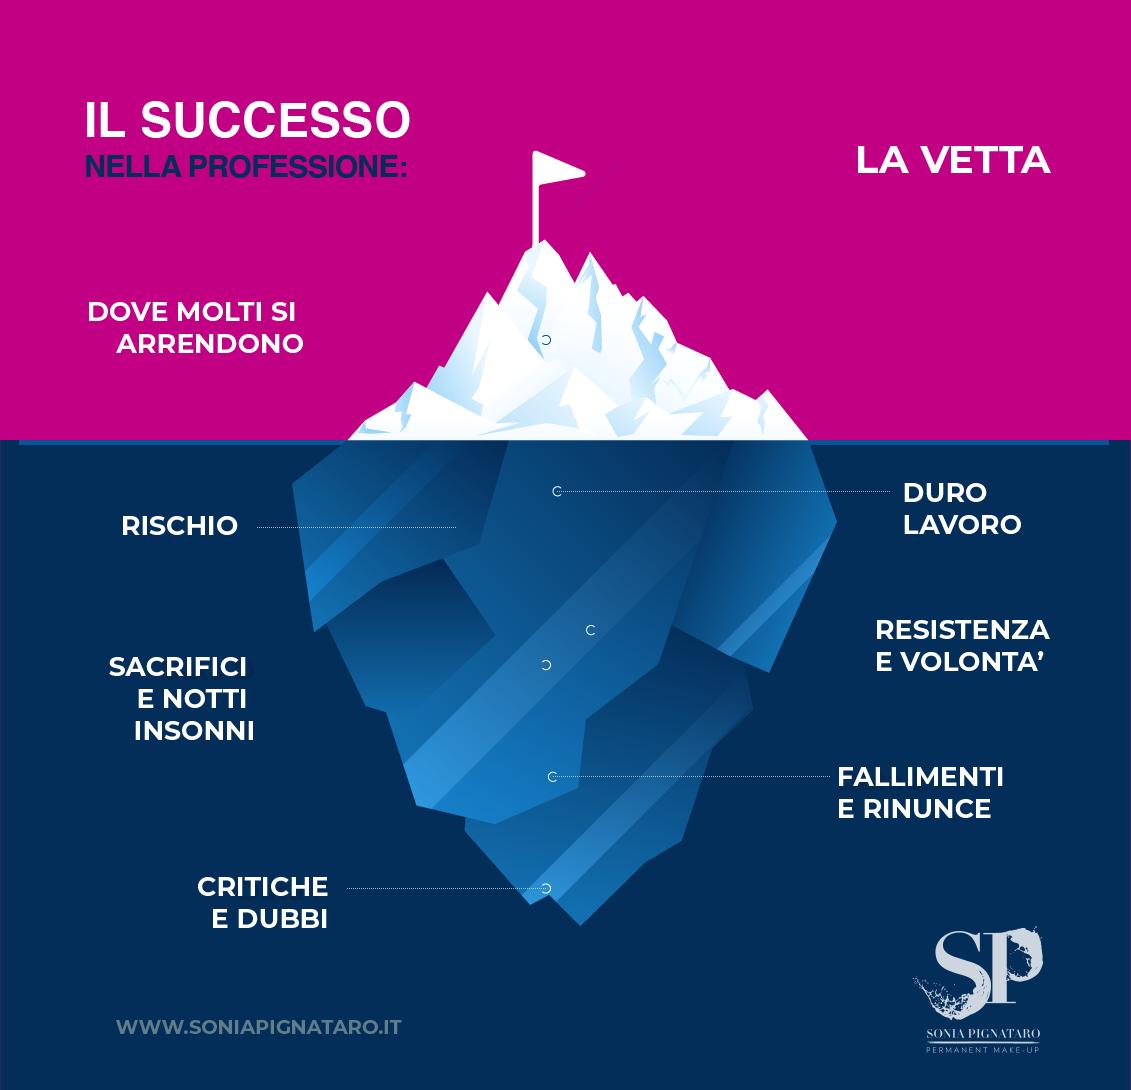 La metafora dell'iceberg: come avere successo in una professione